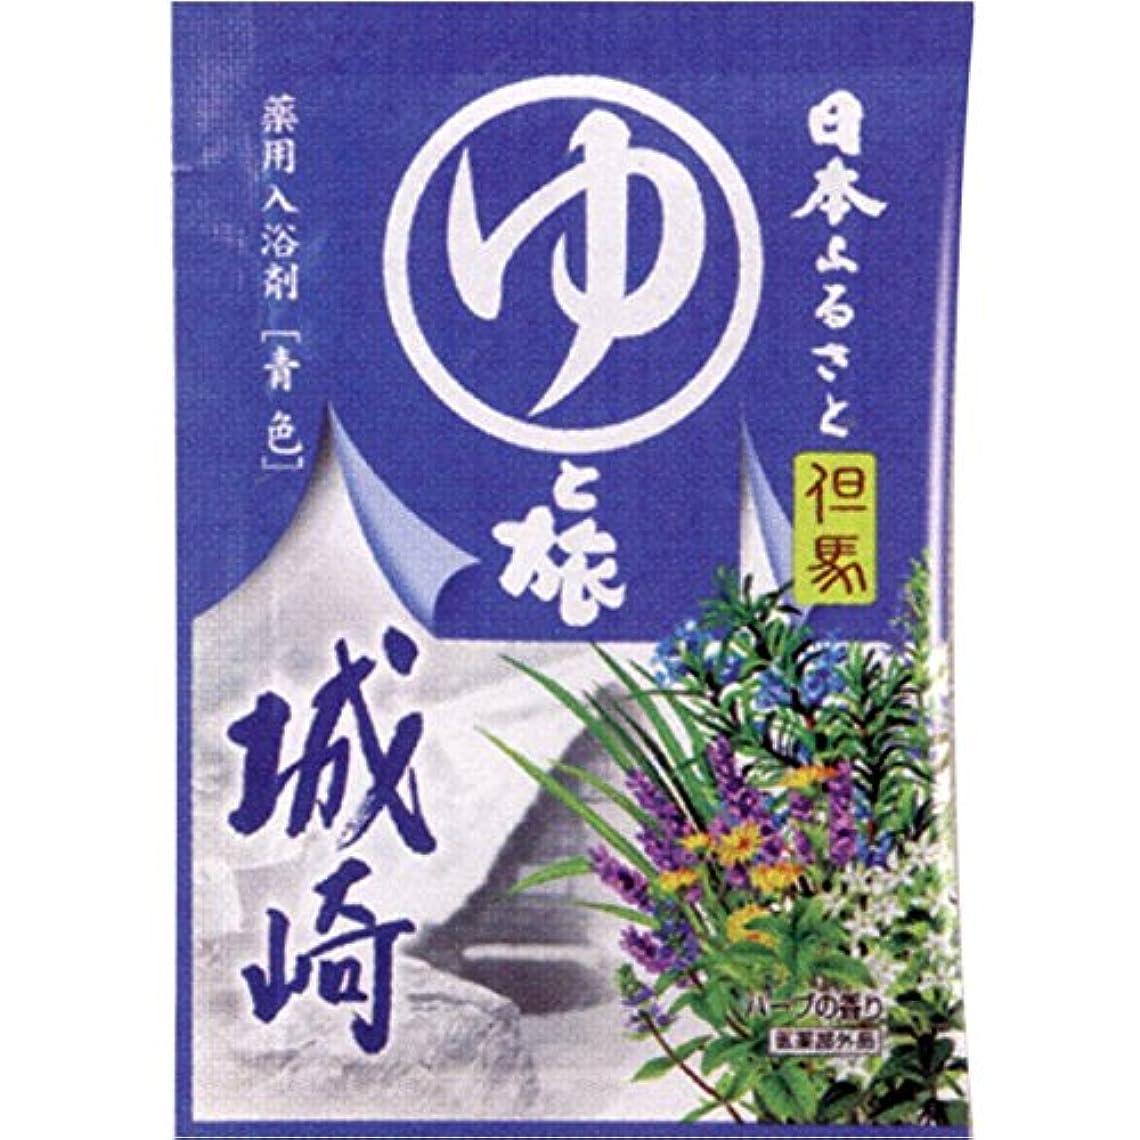 それ憎しみ推進、動かすヤマサキの入浴剤シリーズ 城崎(入浴剤)